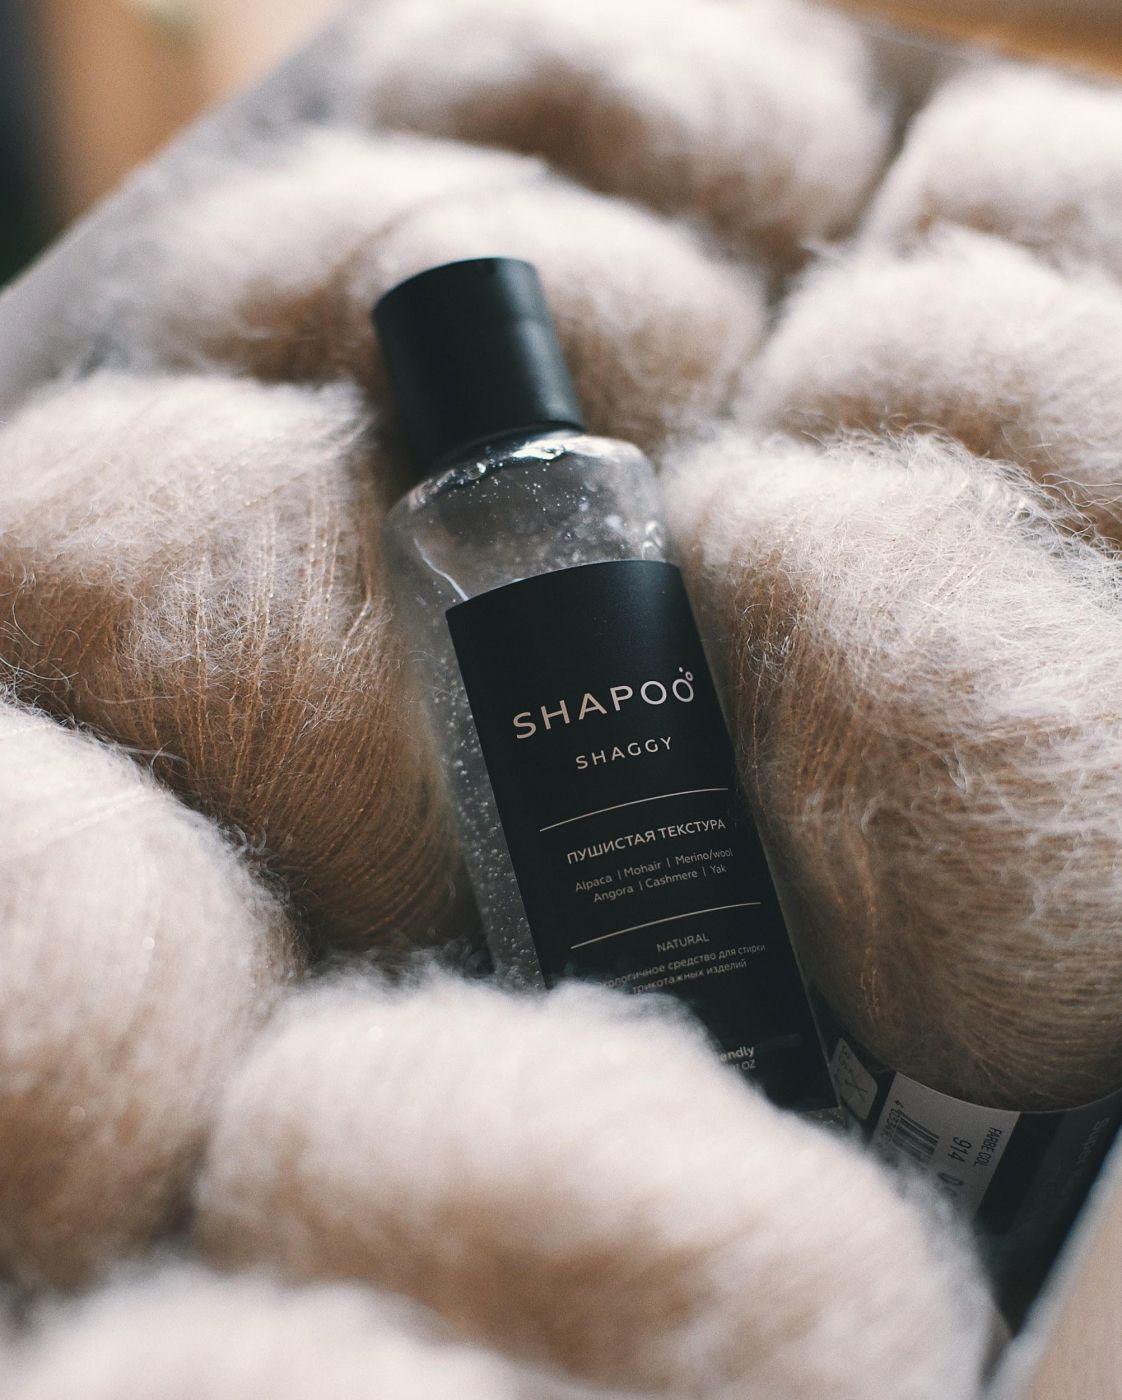 Экологичное средство для стирки Shapoo Shaggy 175мл